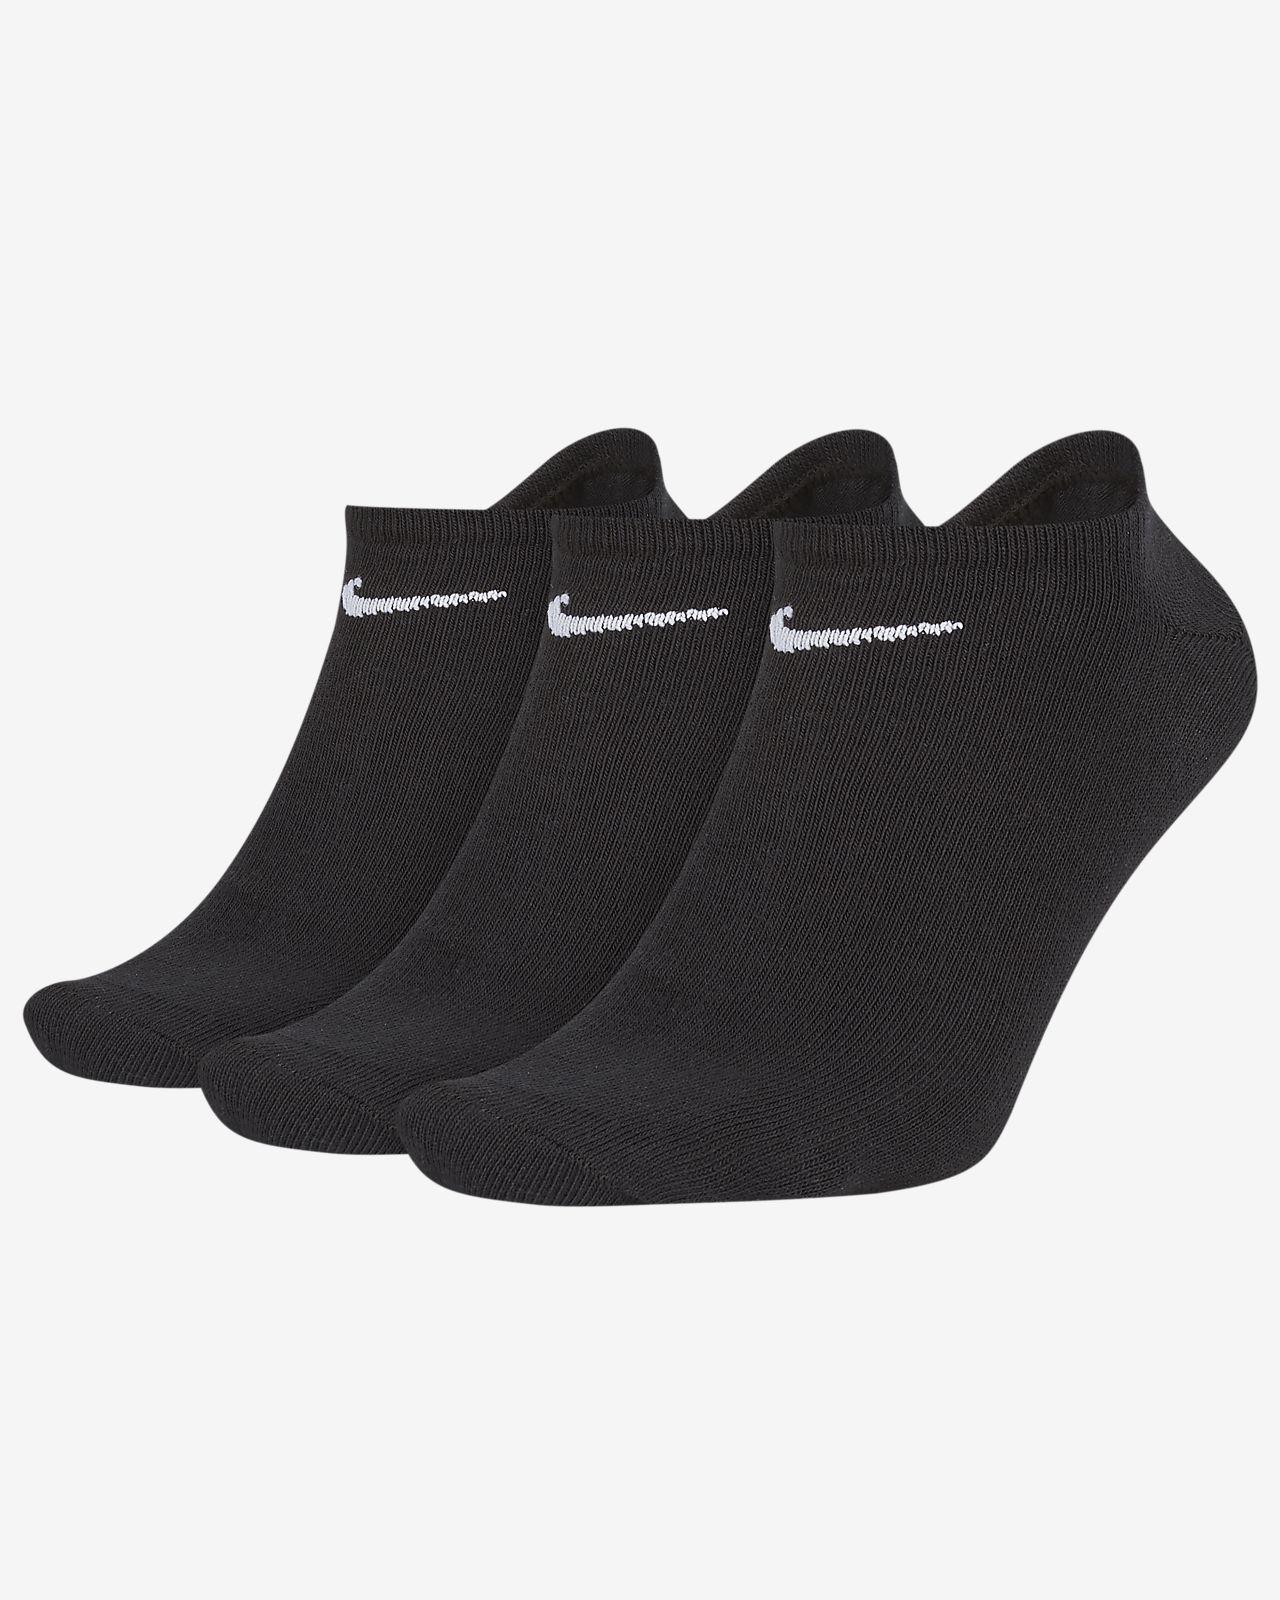 Nike Value No-Show Calcetines (3 pares)